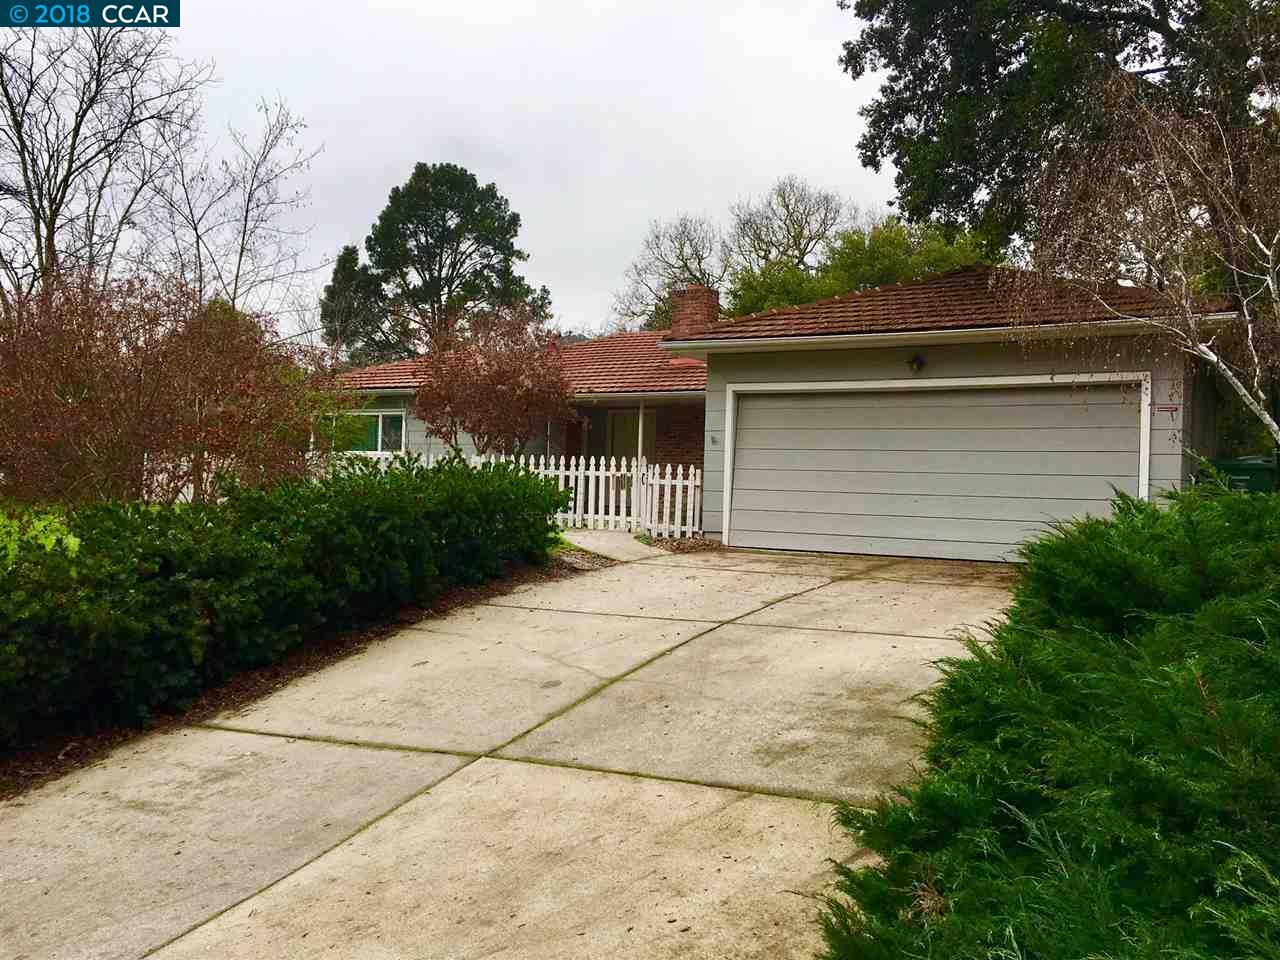 獨棟家庭住宅 為 出售 在 84 Davis Road 84 Davis Road Orinda, 加利福尼亞州 94563 美國